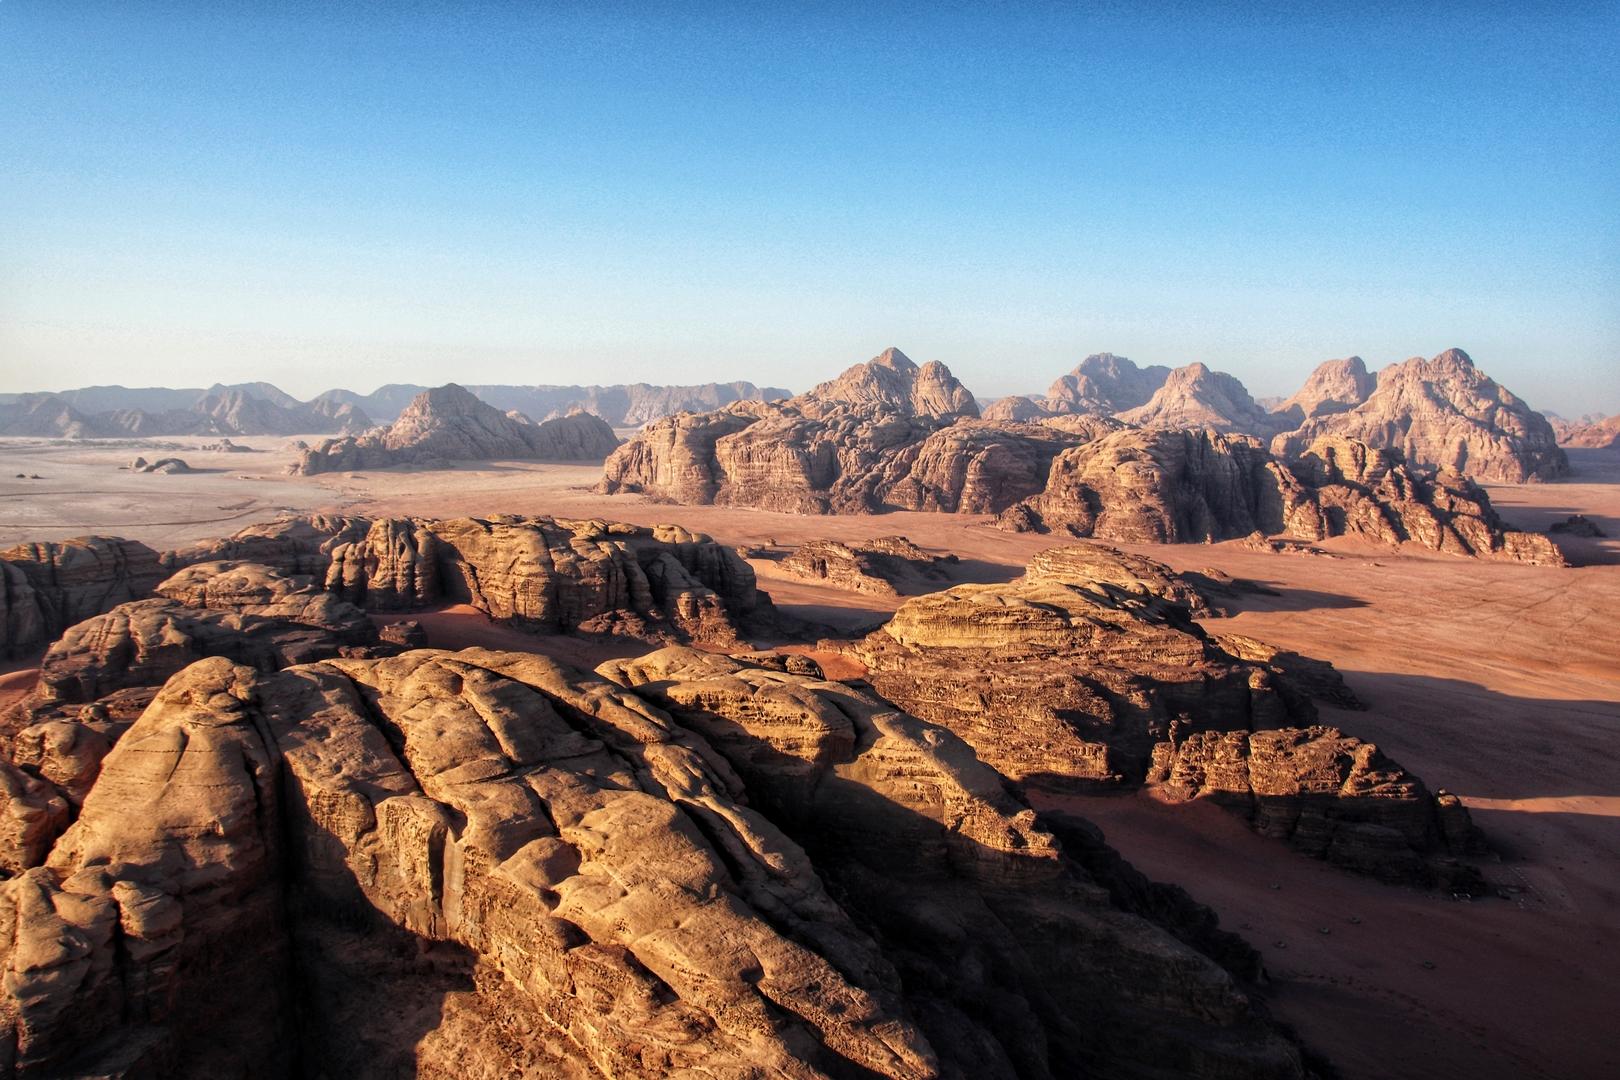 Jordanie - Désert de Wadi Rum vu du ciel